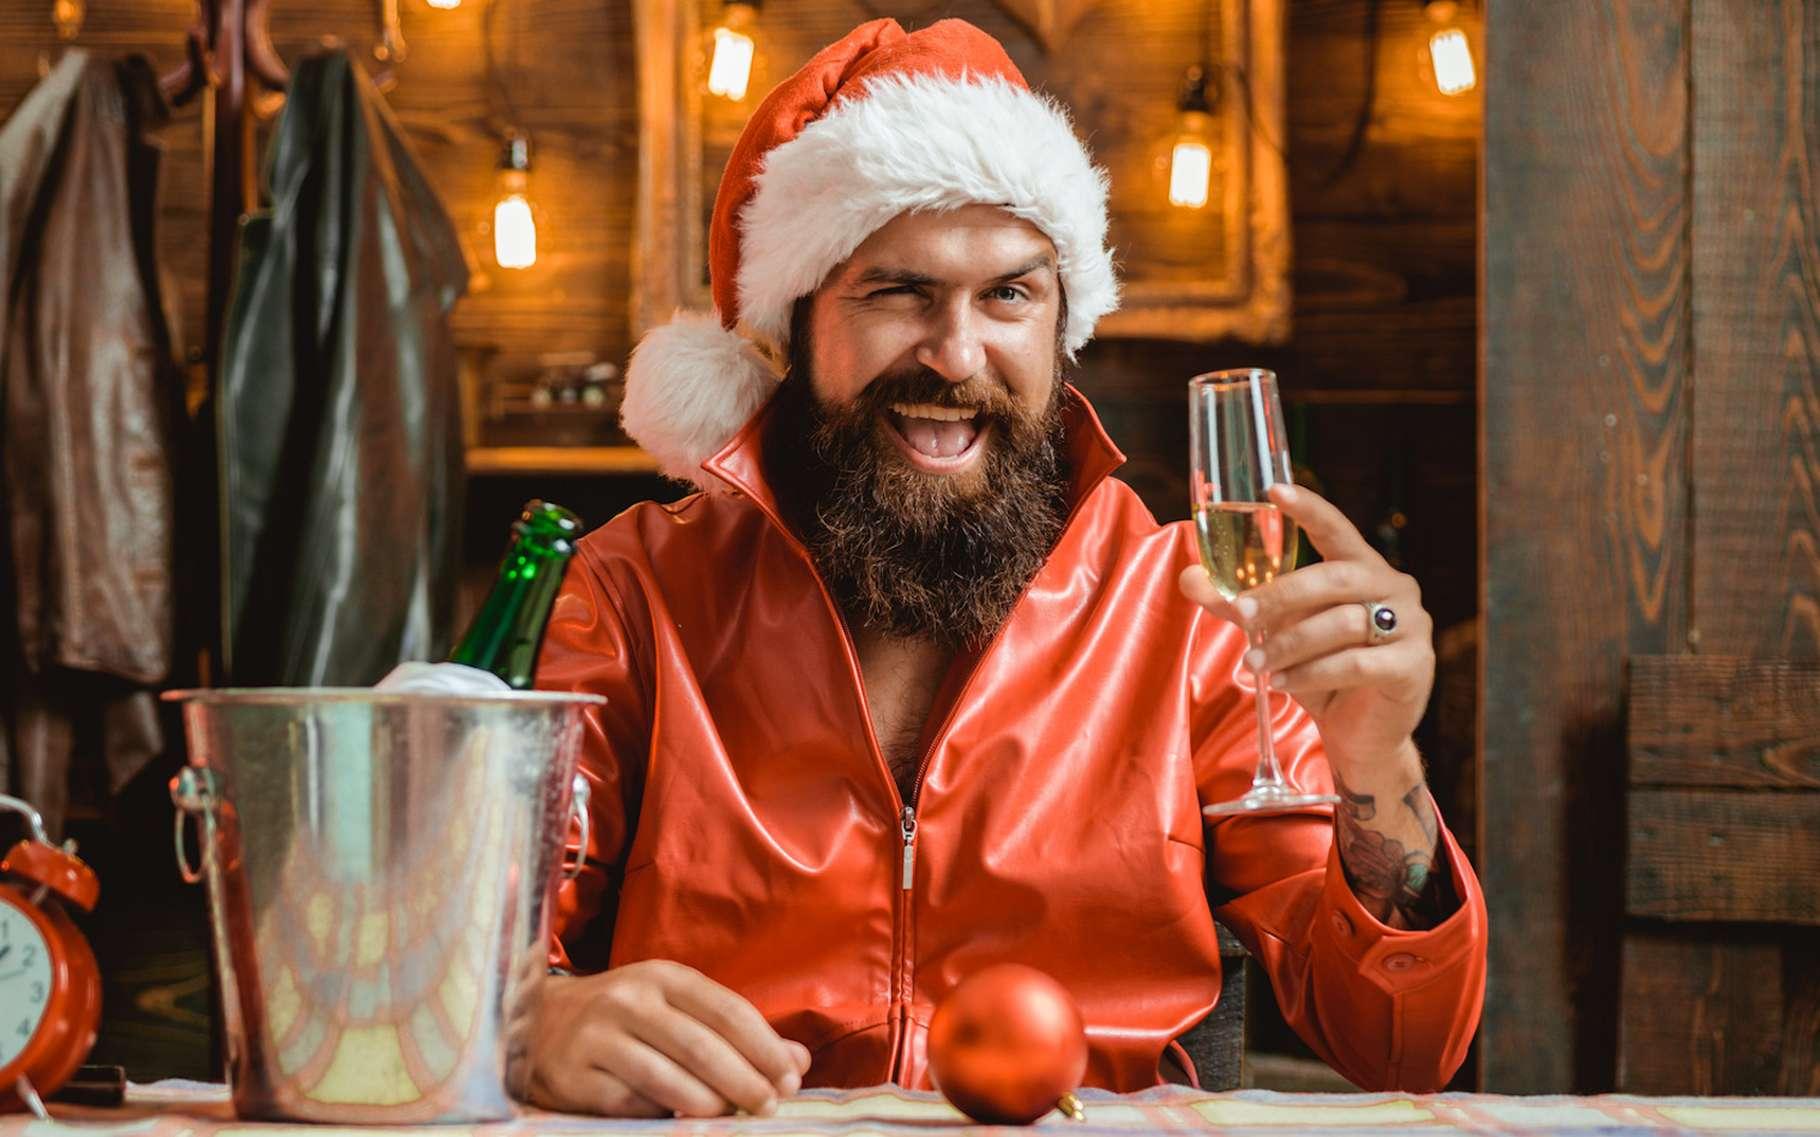 Selon une étude scientifique, les personnes qui vivent dans des régions plus froides et moins ensoleillées boivent plus d'alcool que les autres. © tverdohlib, Fotolia